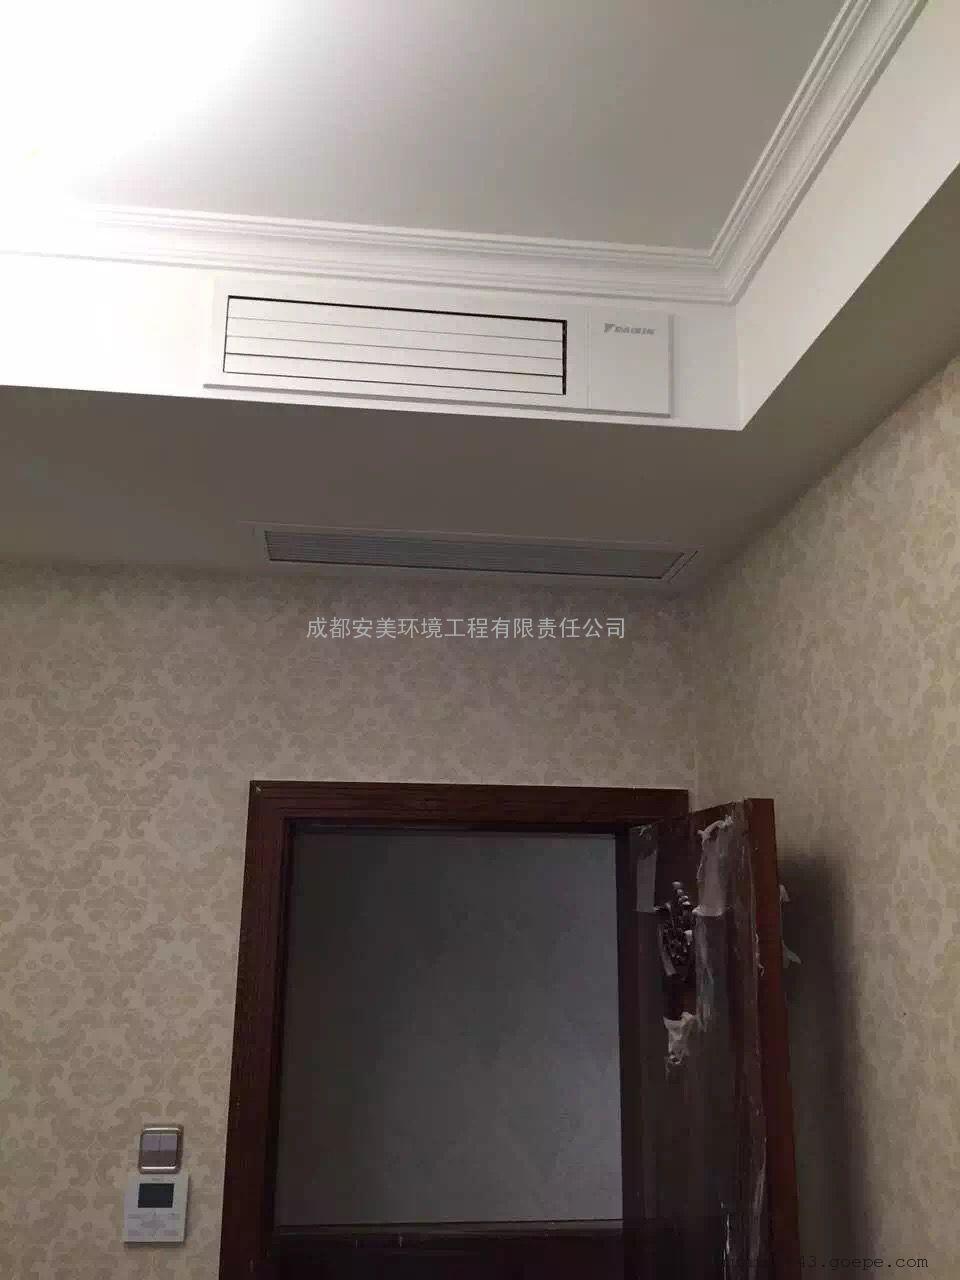 13228103997:大金成都总代理/大金空调批发销售安装